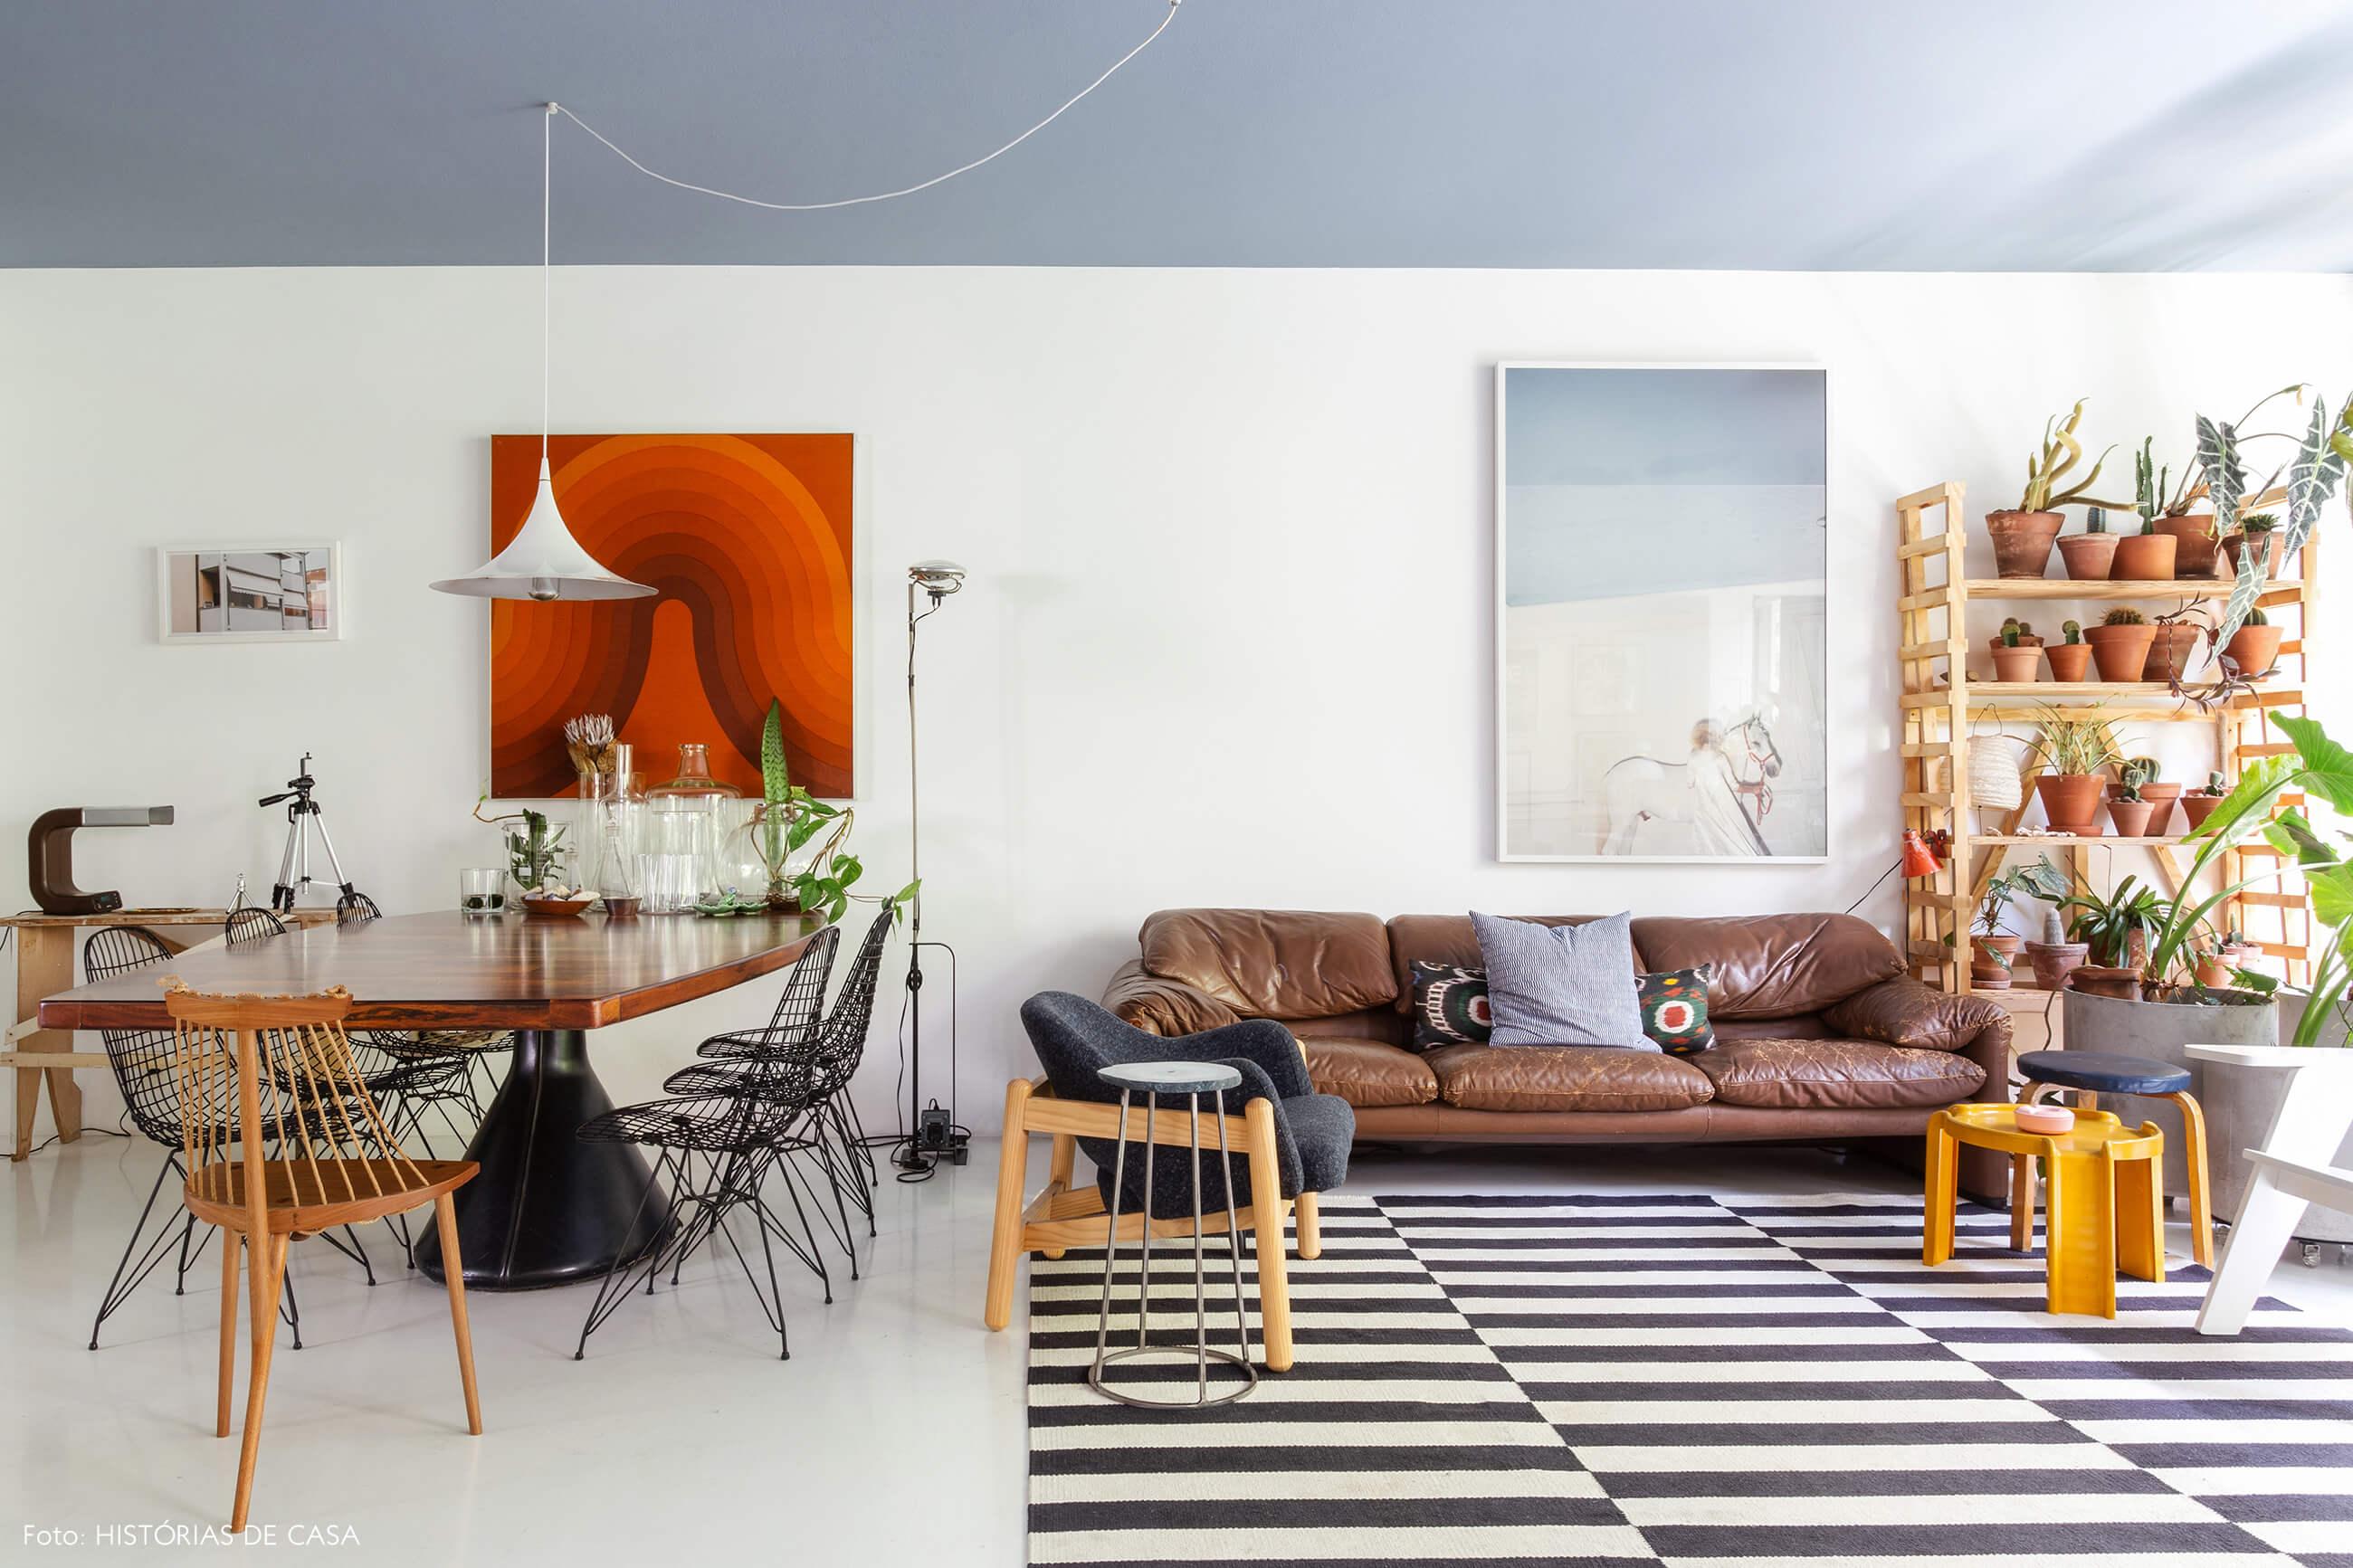 Apartamento do Maurício Arruda, sala integrada com tapete preto e branco e sofá de couro